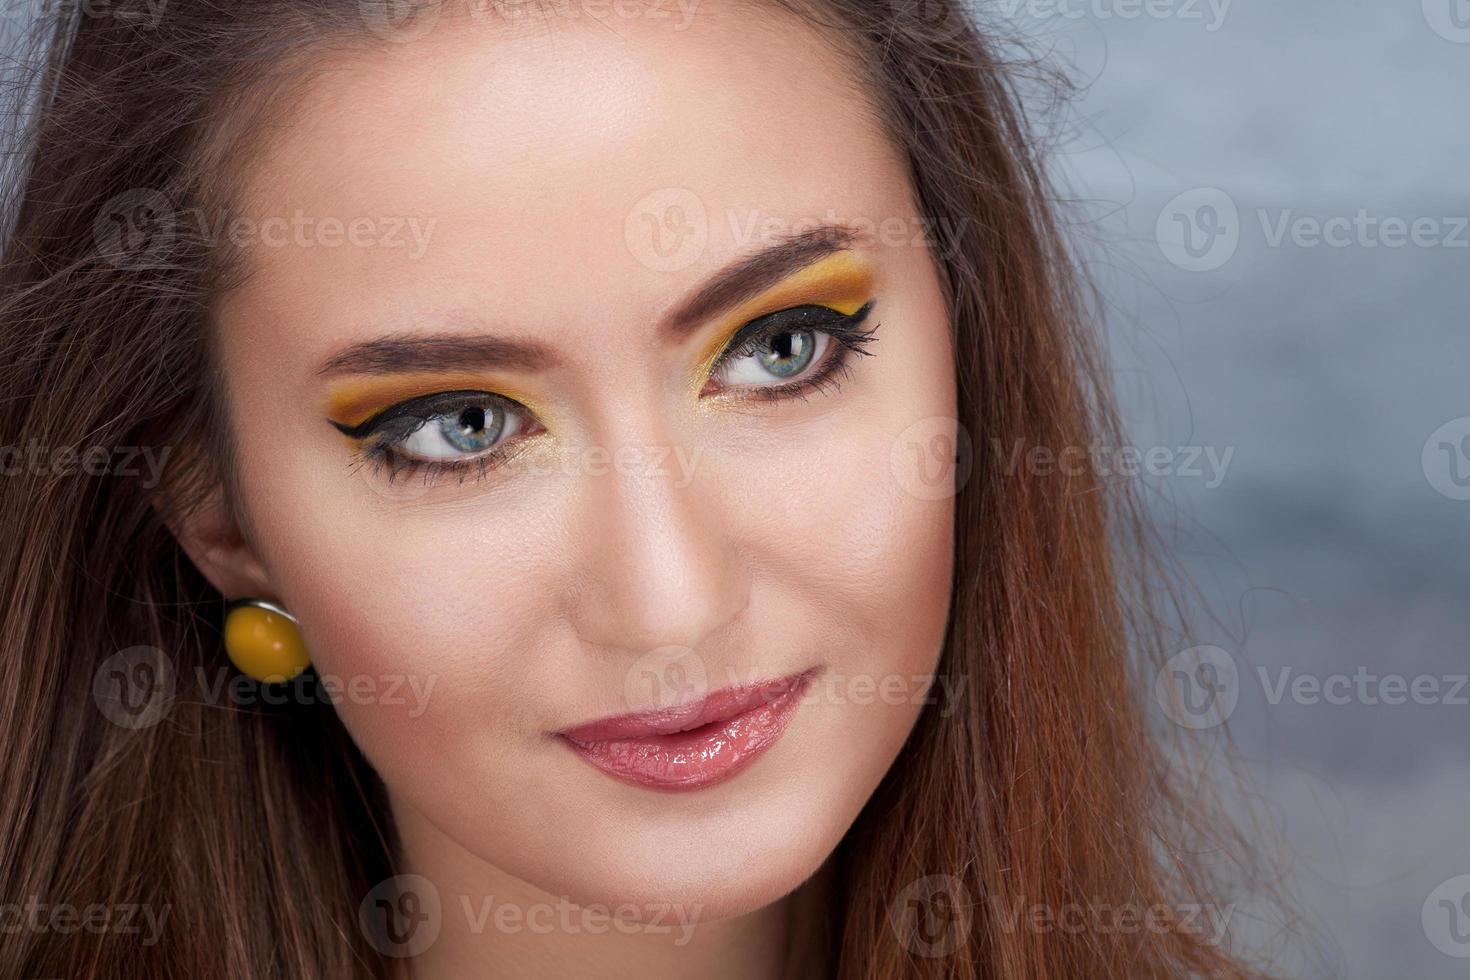 moda ritratto di bella giovane donna foto